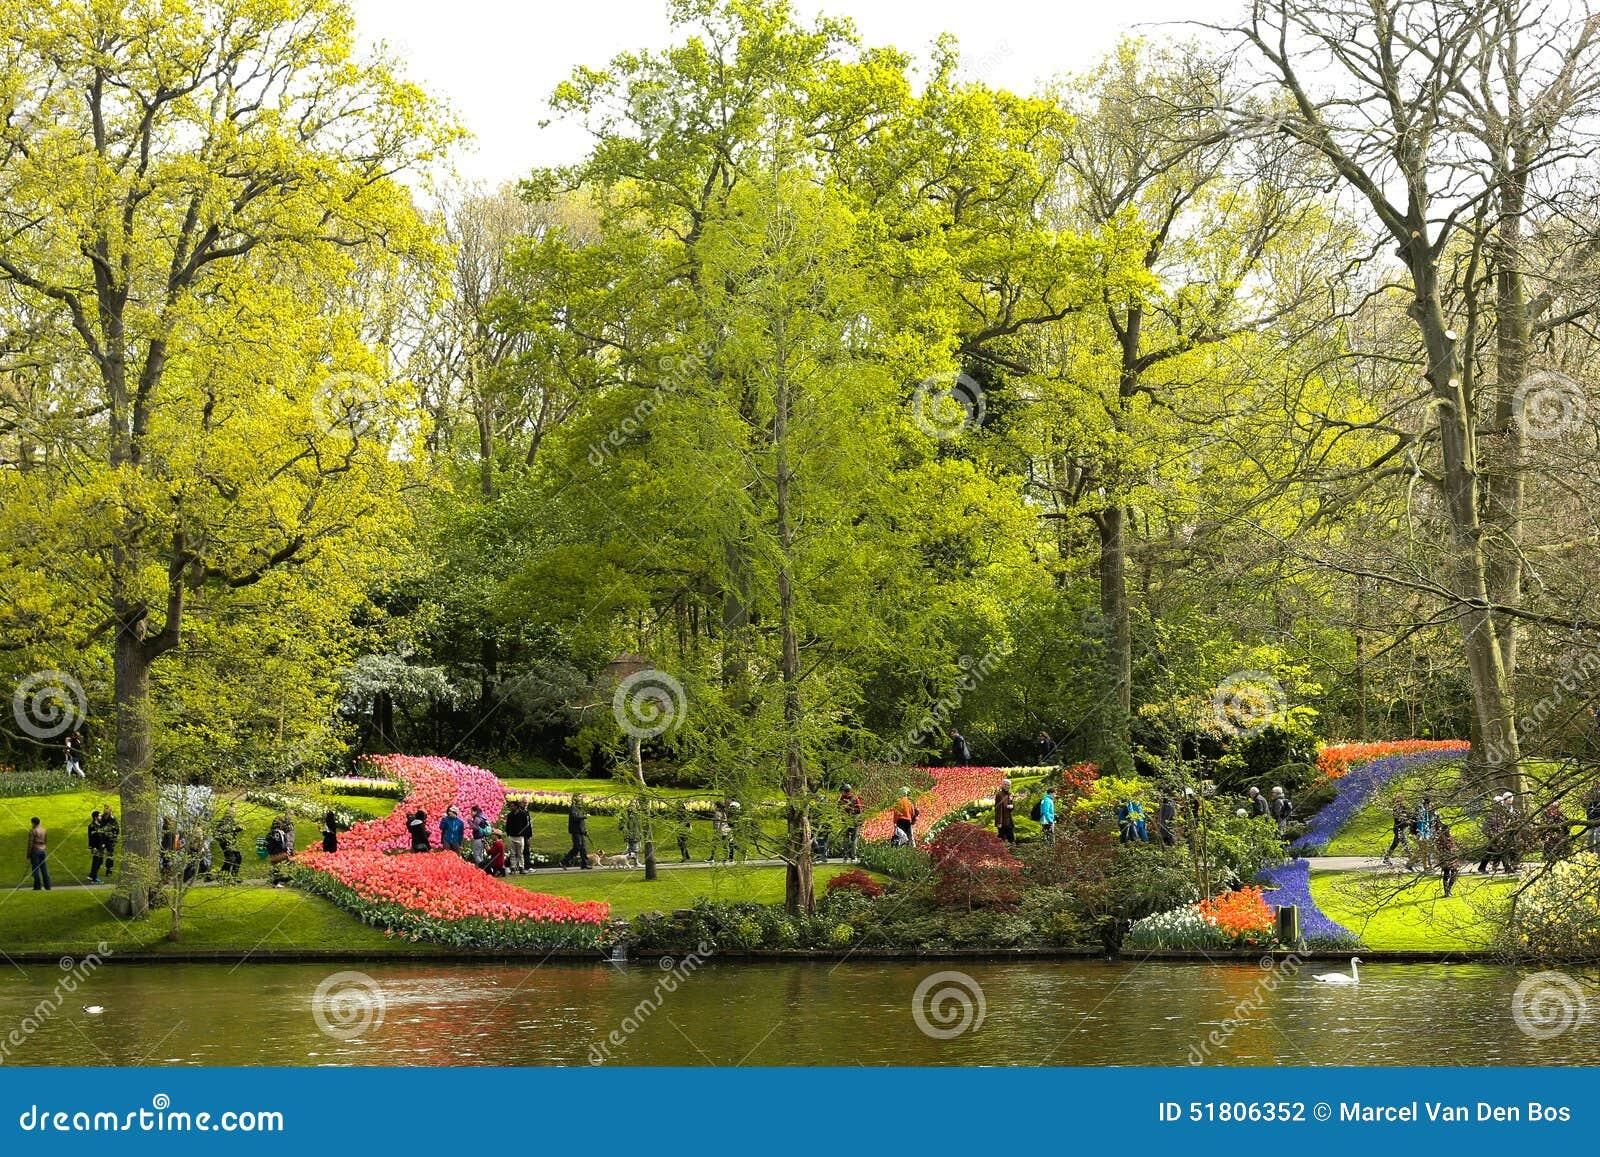 Spring time in the keukenhof garden